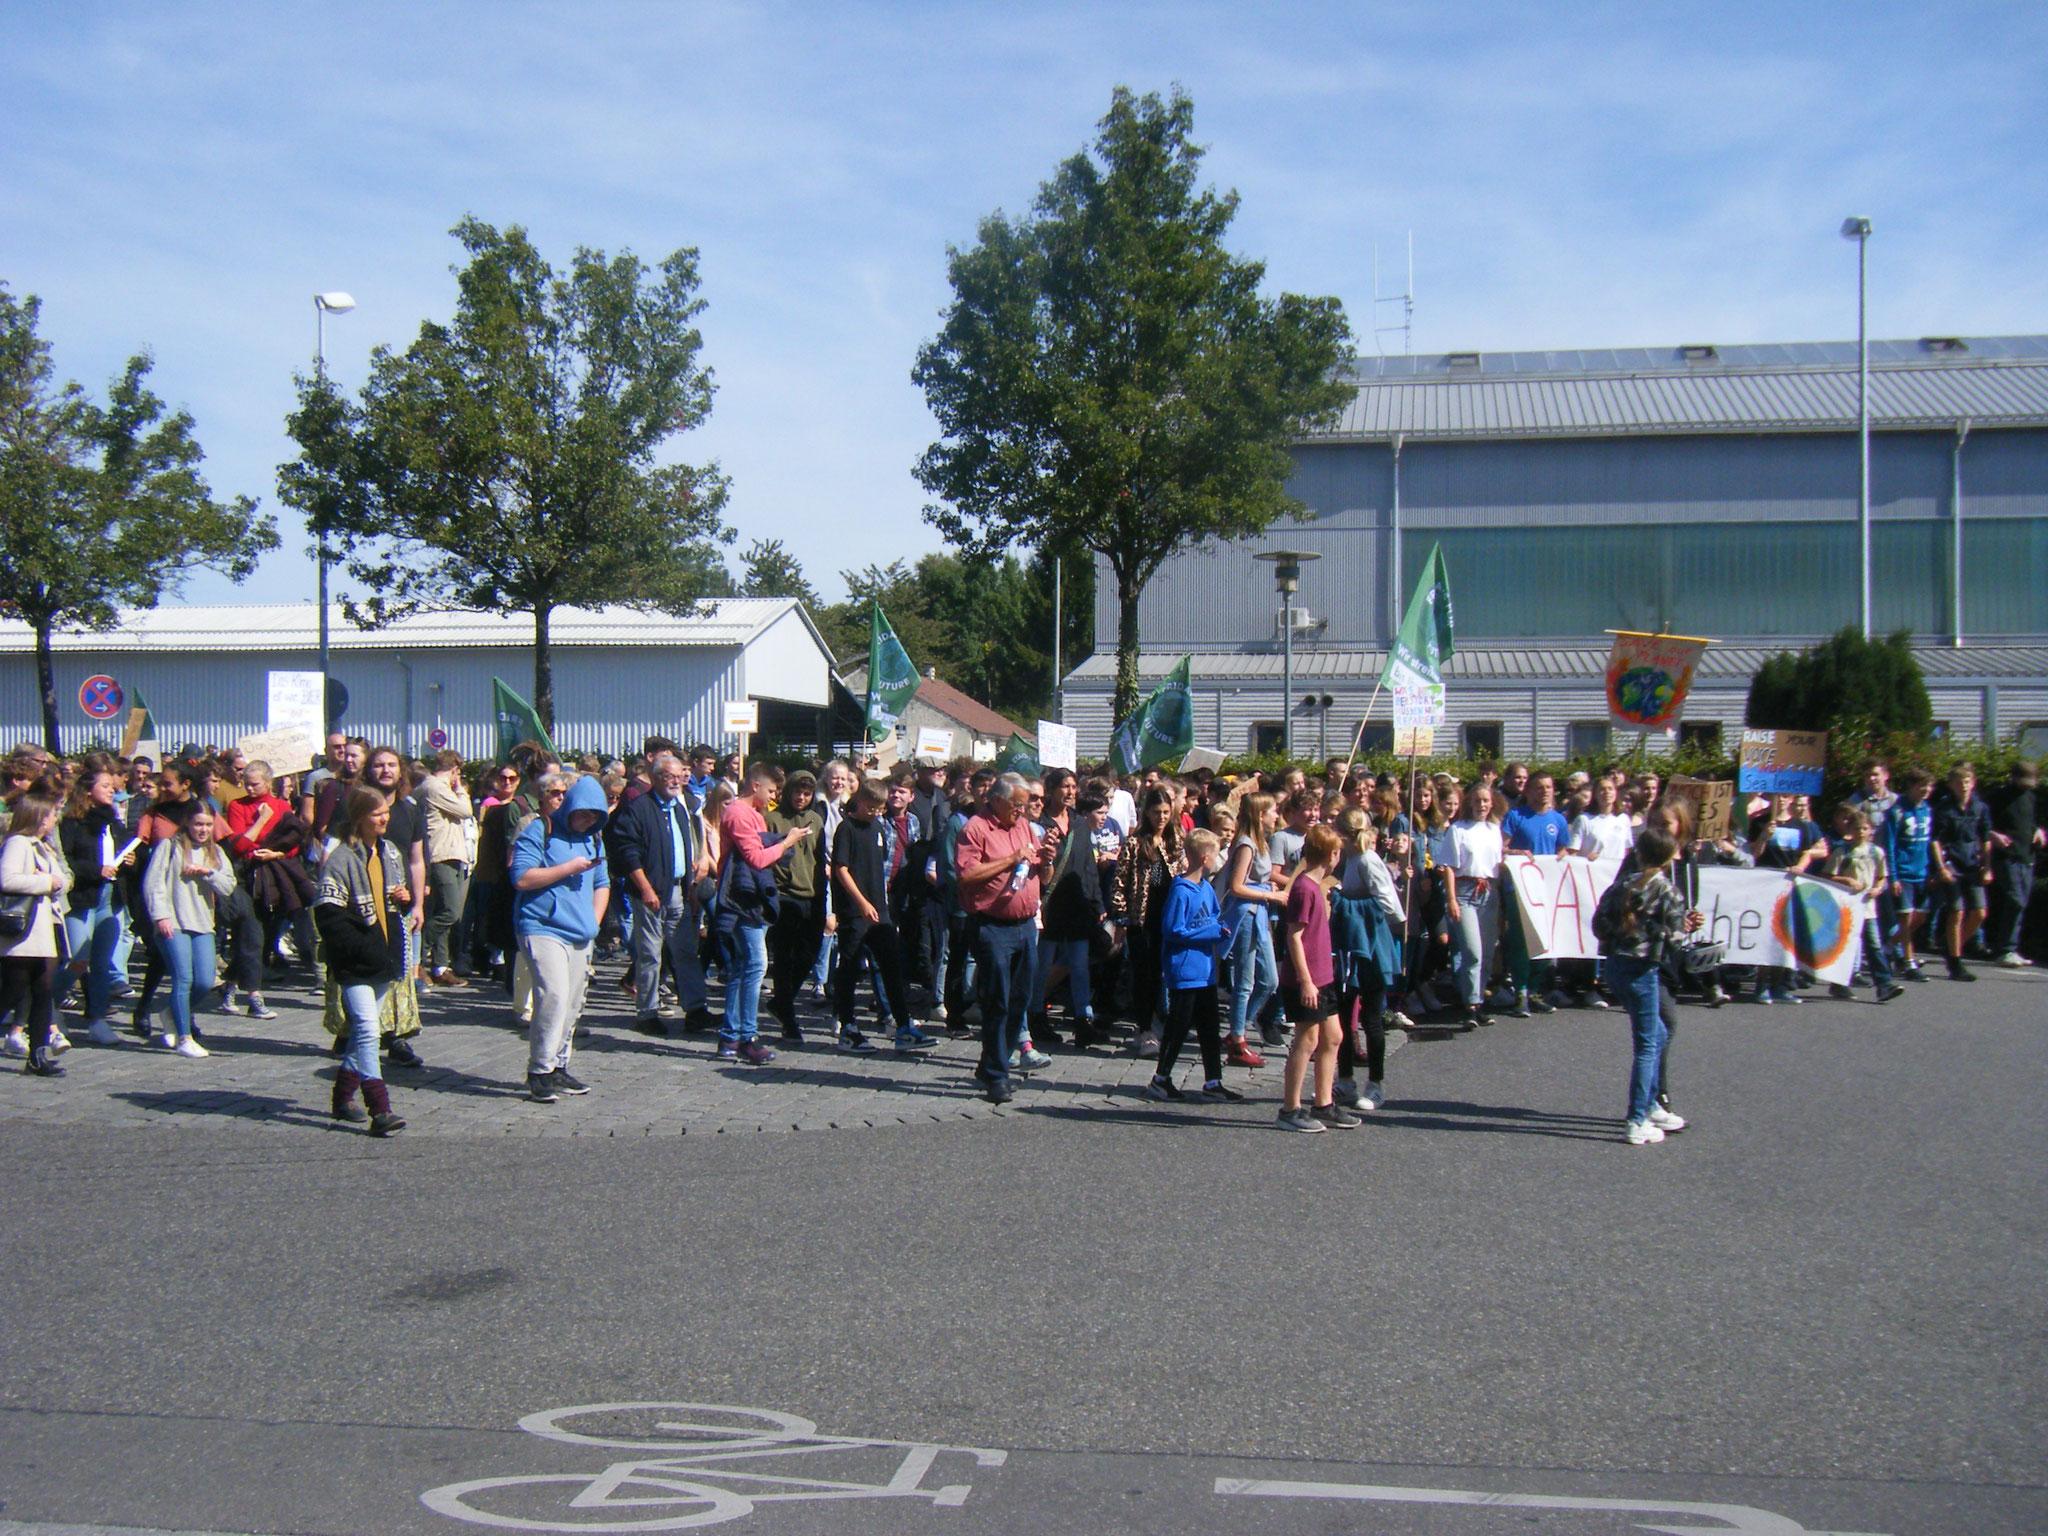 Am hinteren Hafen drängen sich 2000 Demonstranten in Richtung Innenstadt